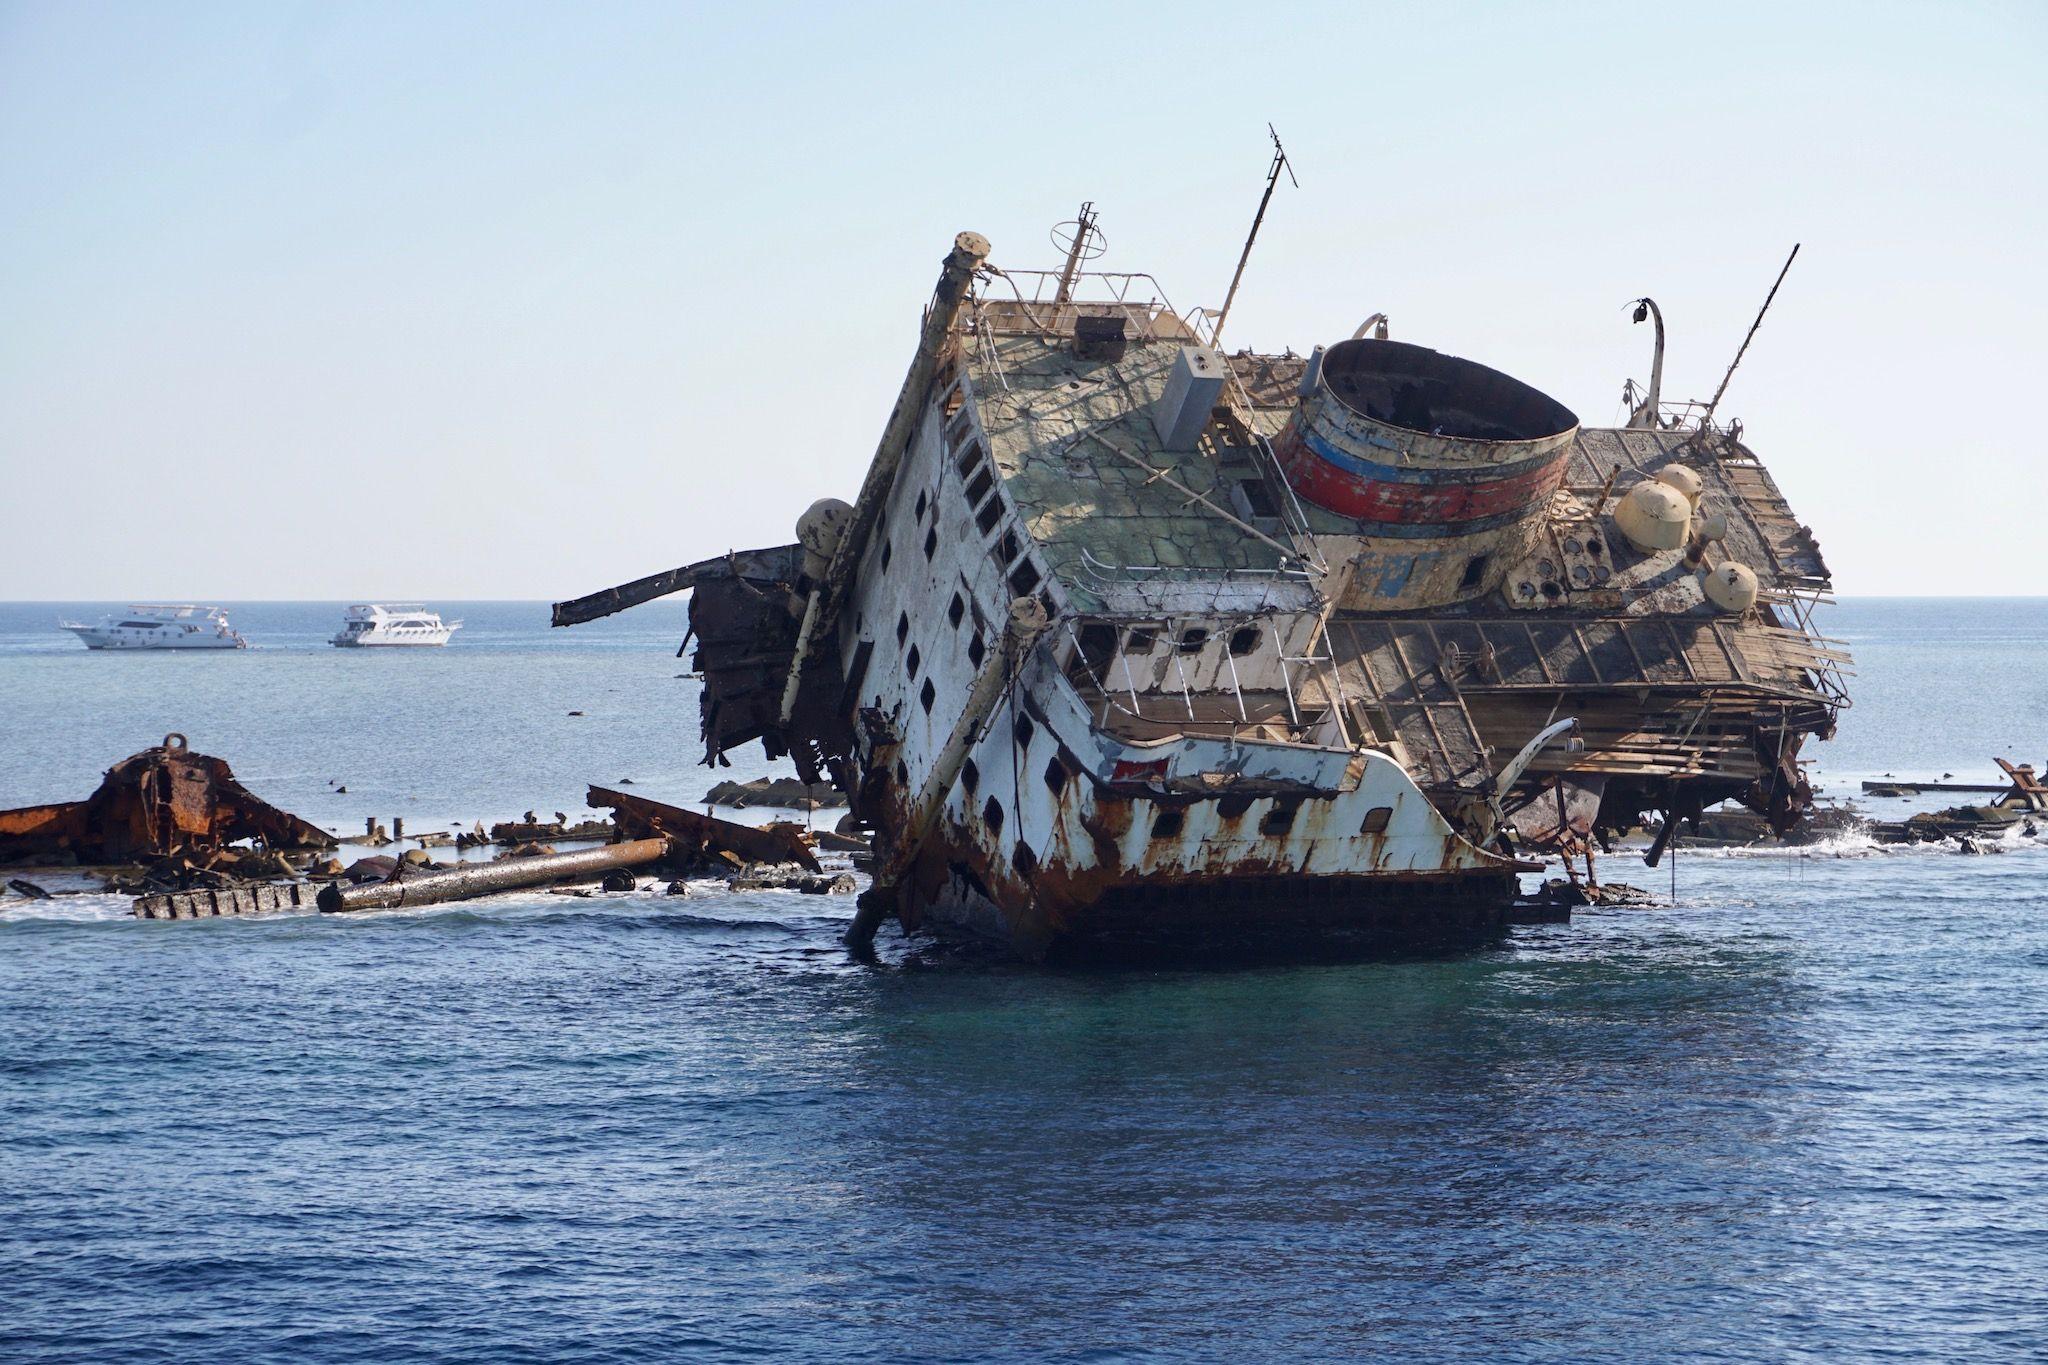 Gespenstisch: am Gordon Reef vor Sharm El Sheikh ist vor Jahren ein Frachter auf Grund gelaufen.